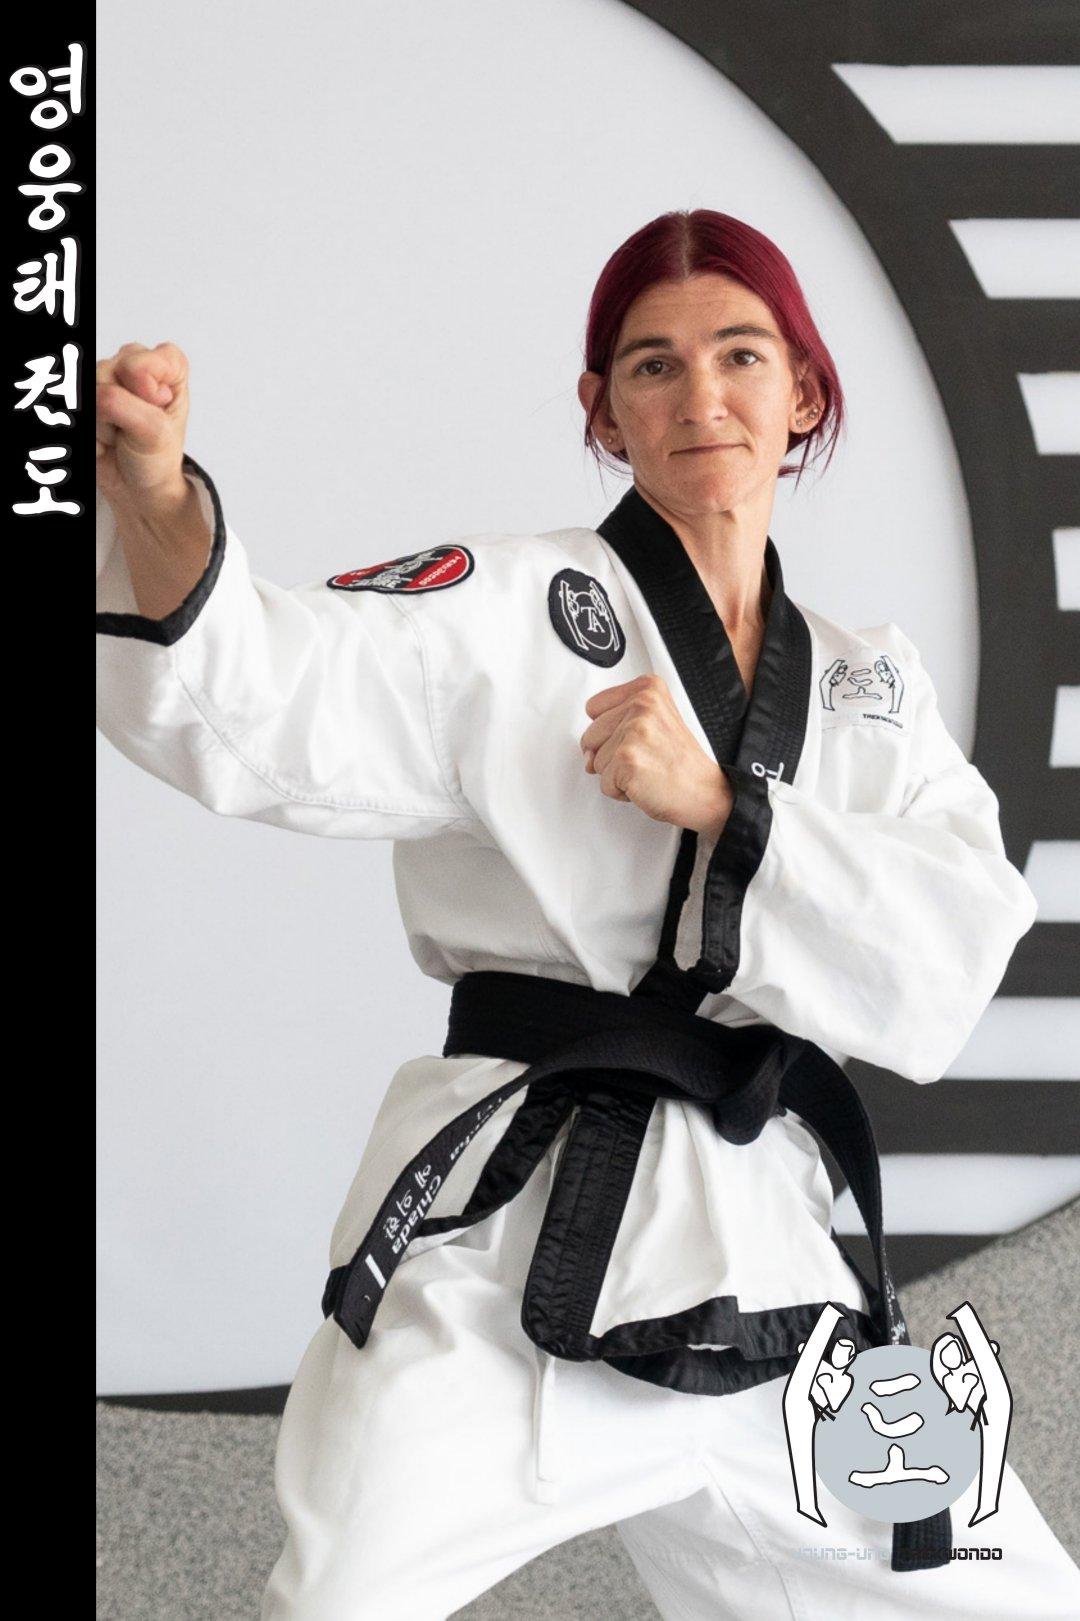 Taekwondo-Trainerin mittleren Alters in Taekwondo Kampfstellung Pose aus Zweigstelle 1140 Wien